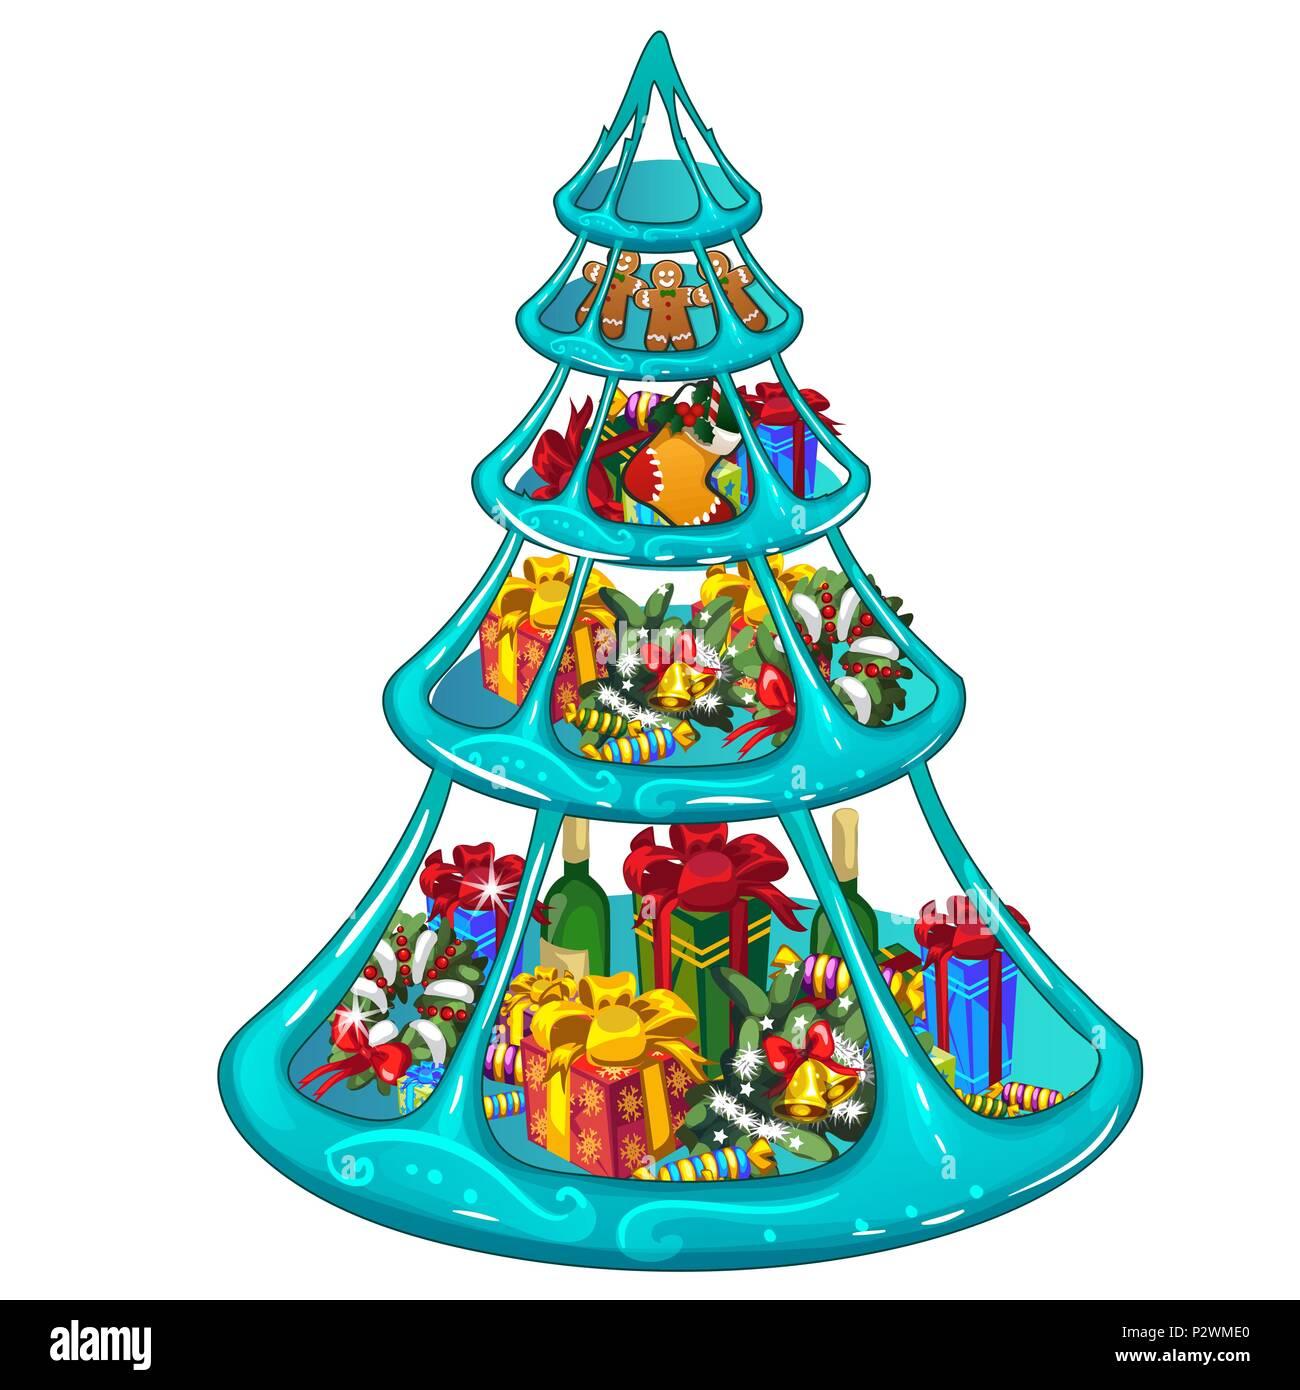 Tiered Eisschale mit Weihnachten Geschenke, Süßigkeiten und ...